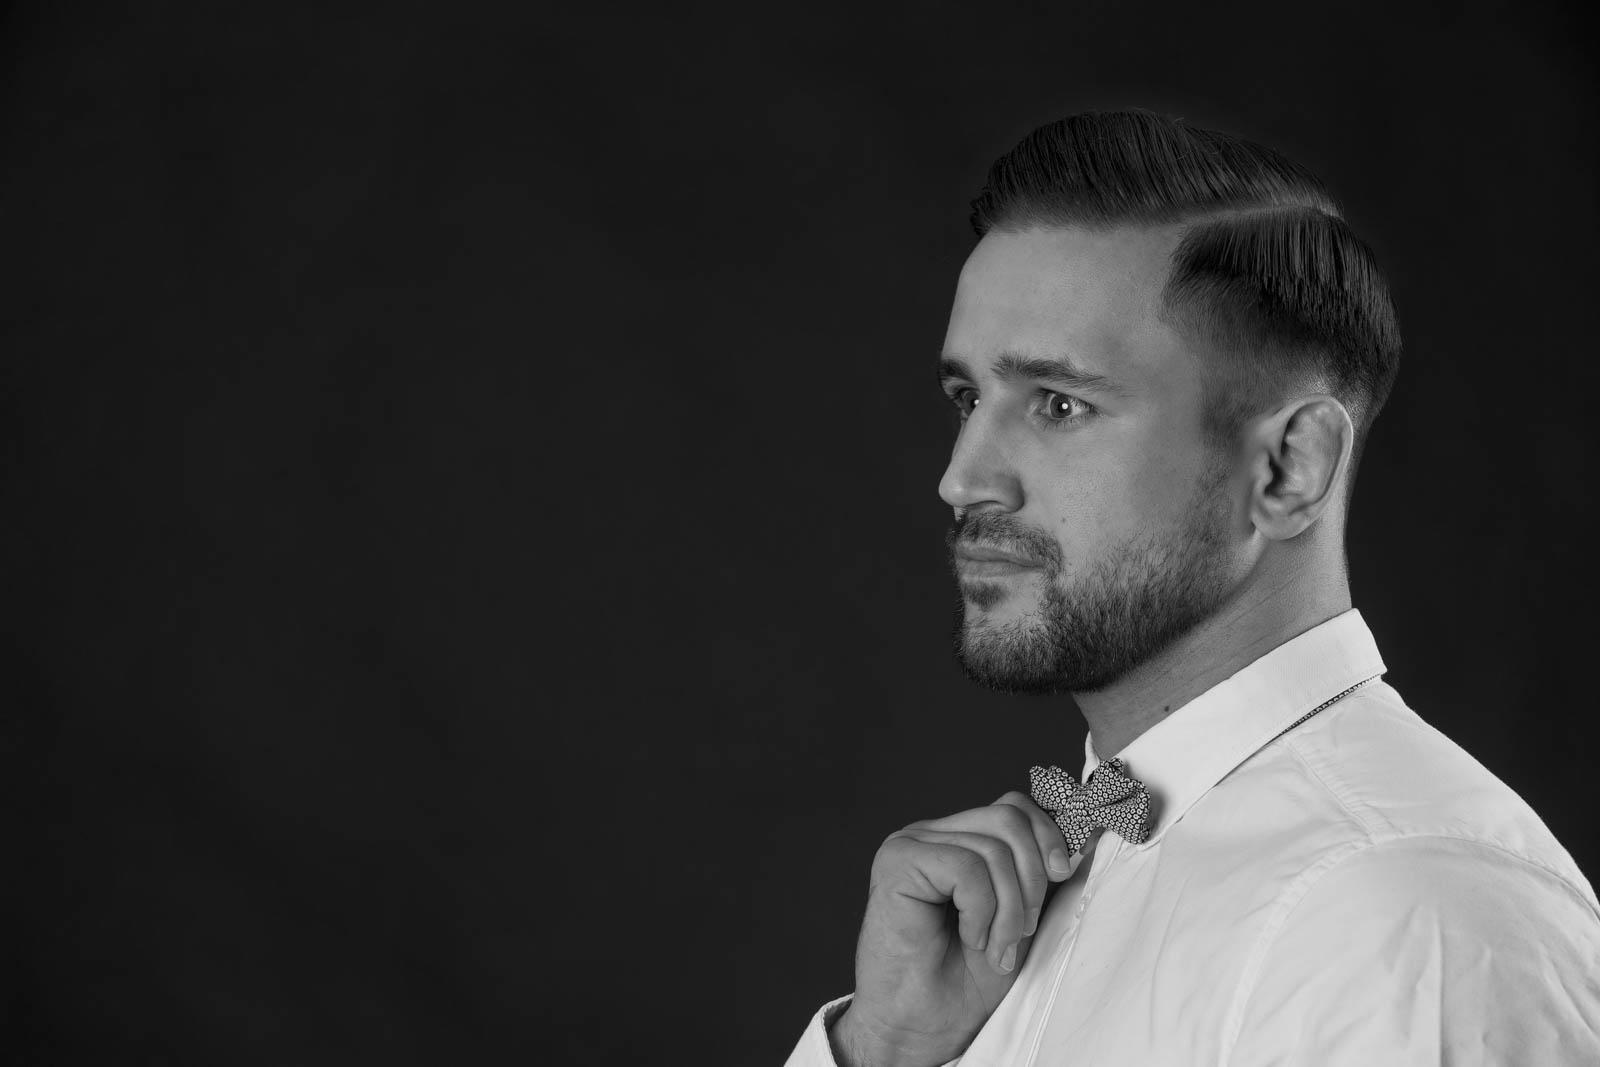 Friseur Marchl - Benni